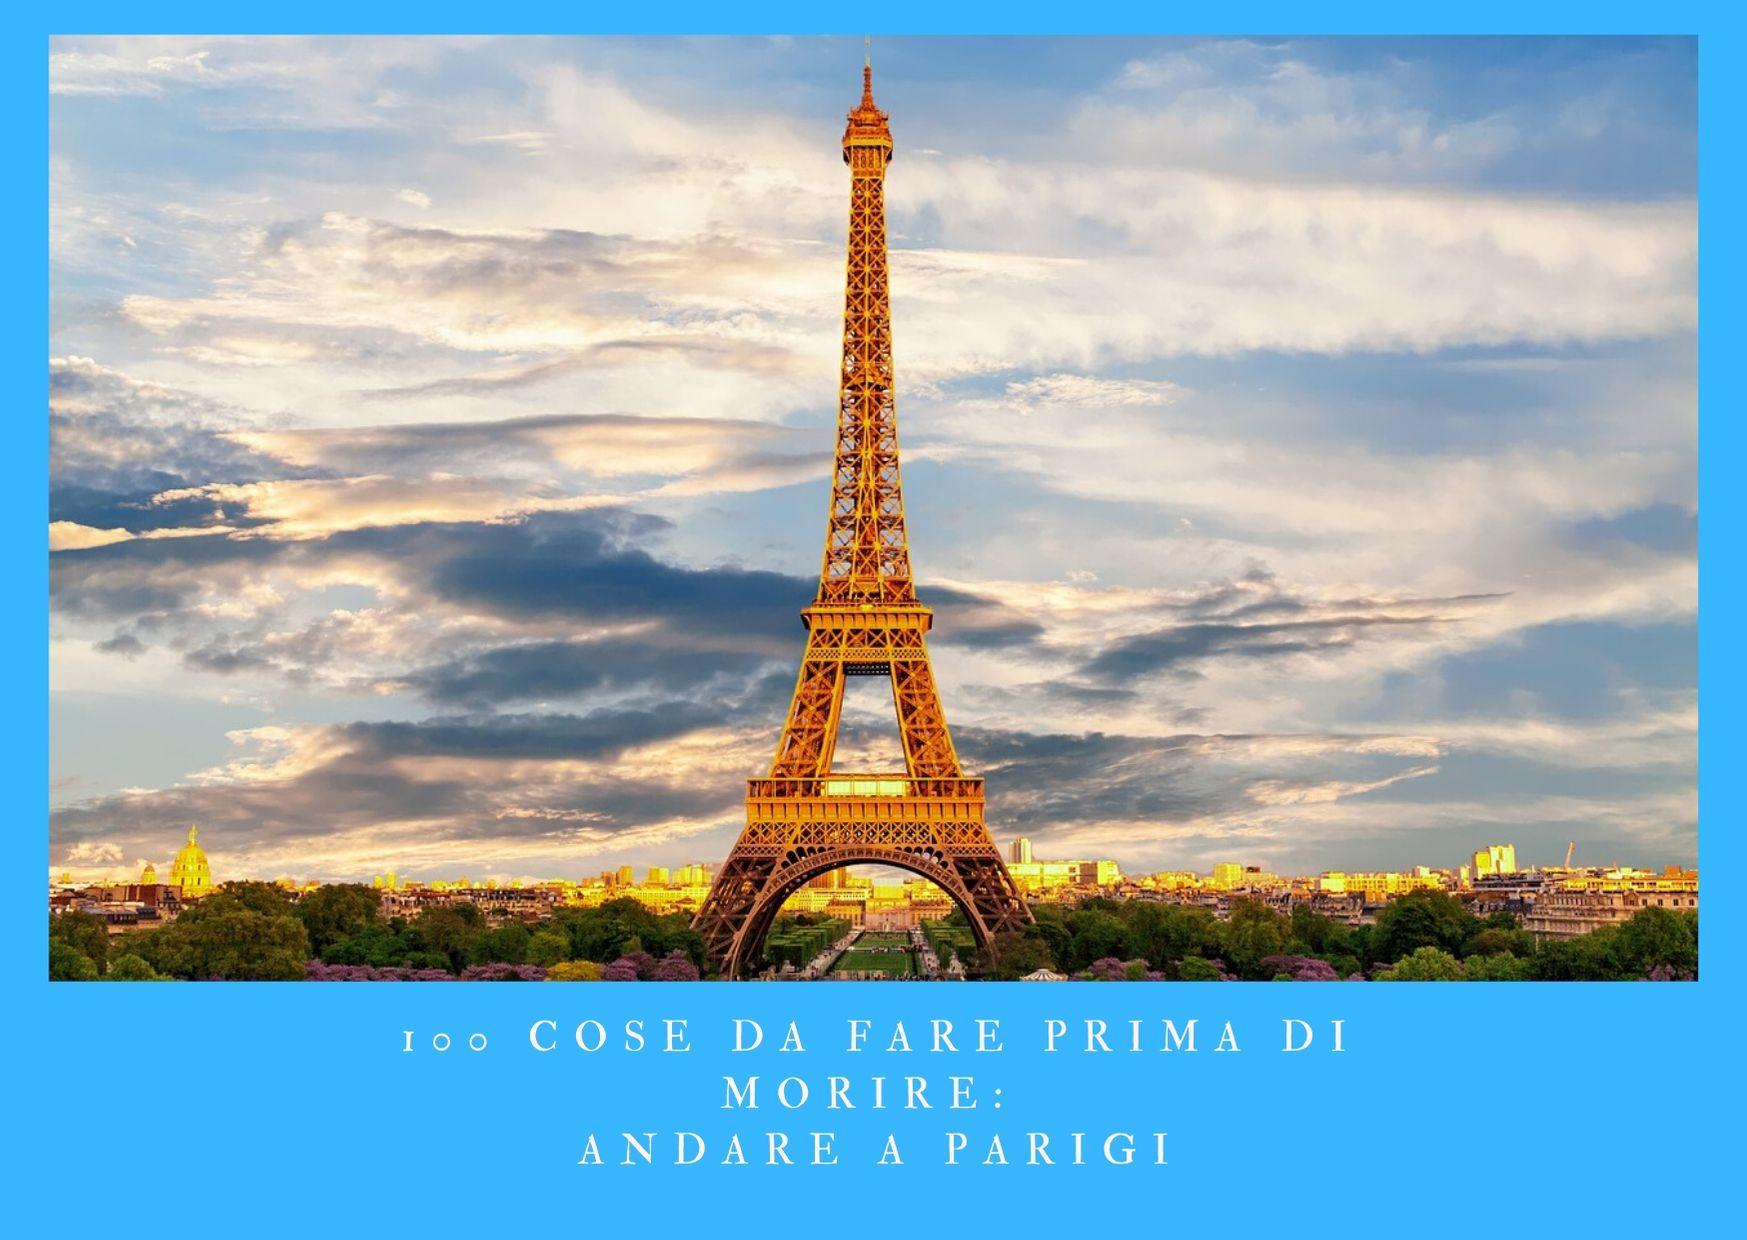 100 cose da fare prima di morire - andare a Parigi